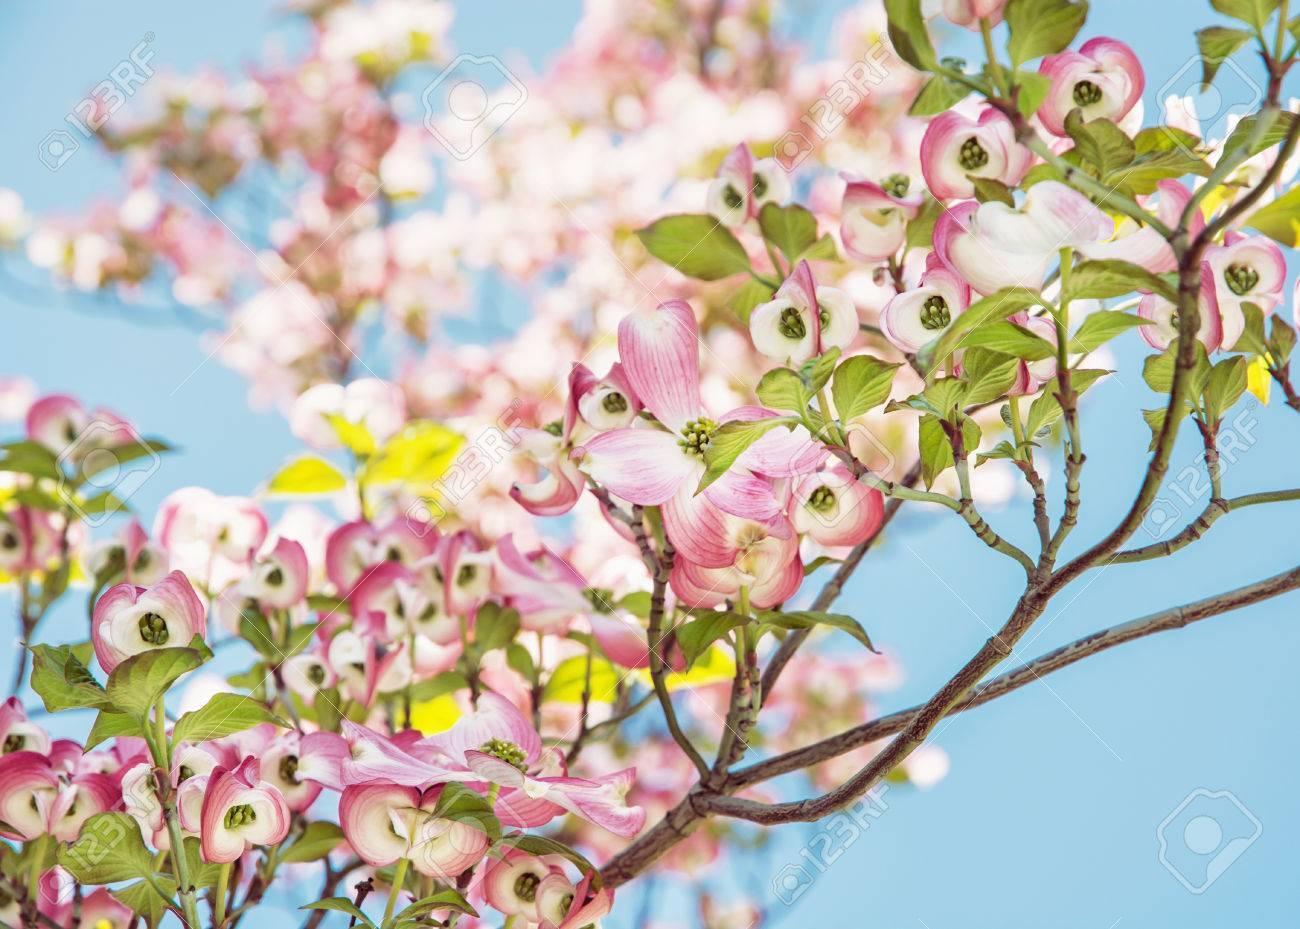 Cornus Florida Flowering Dogwood Is A Species Of Flowering